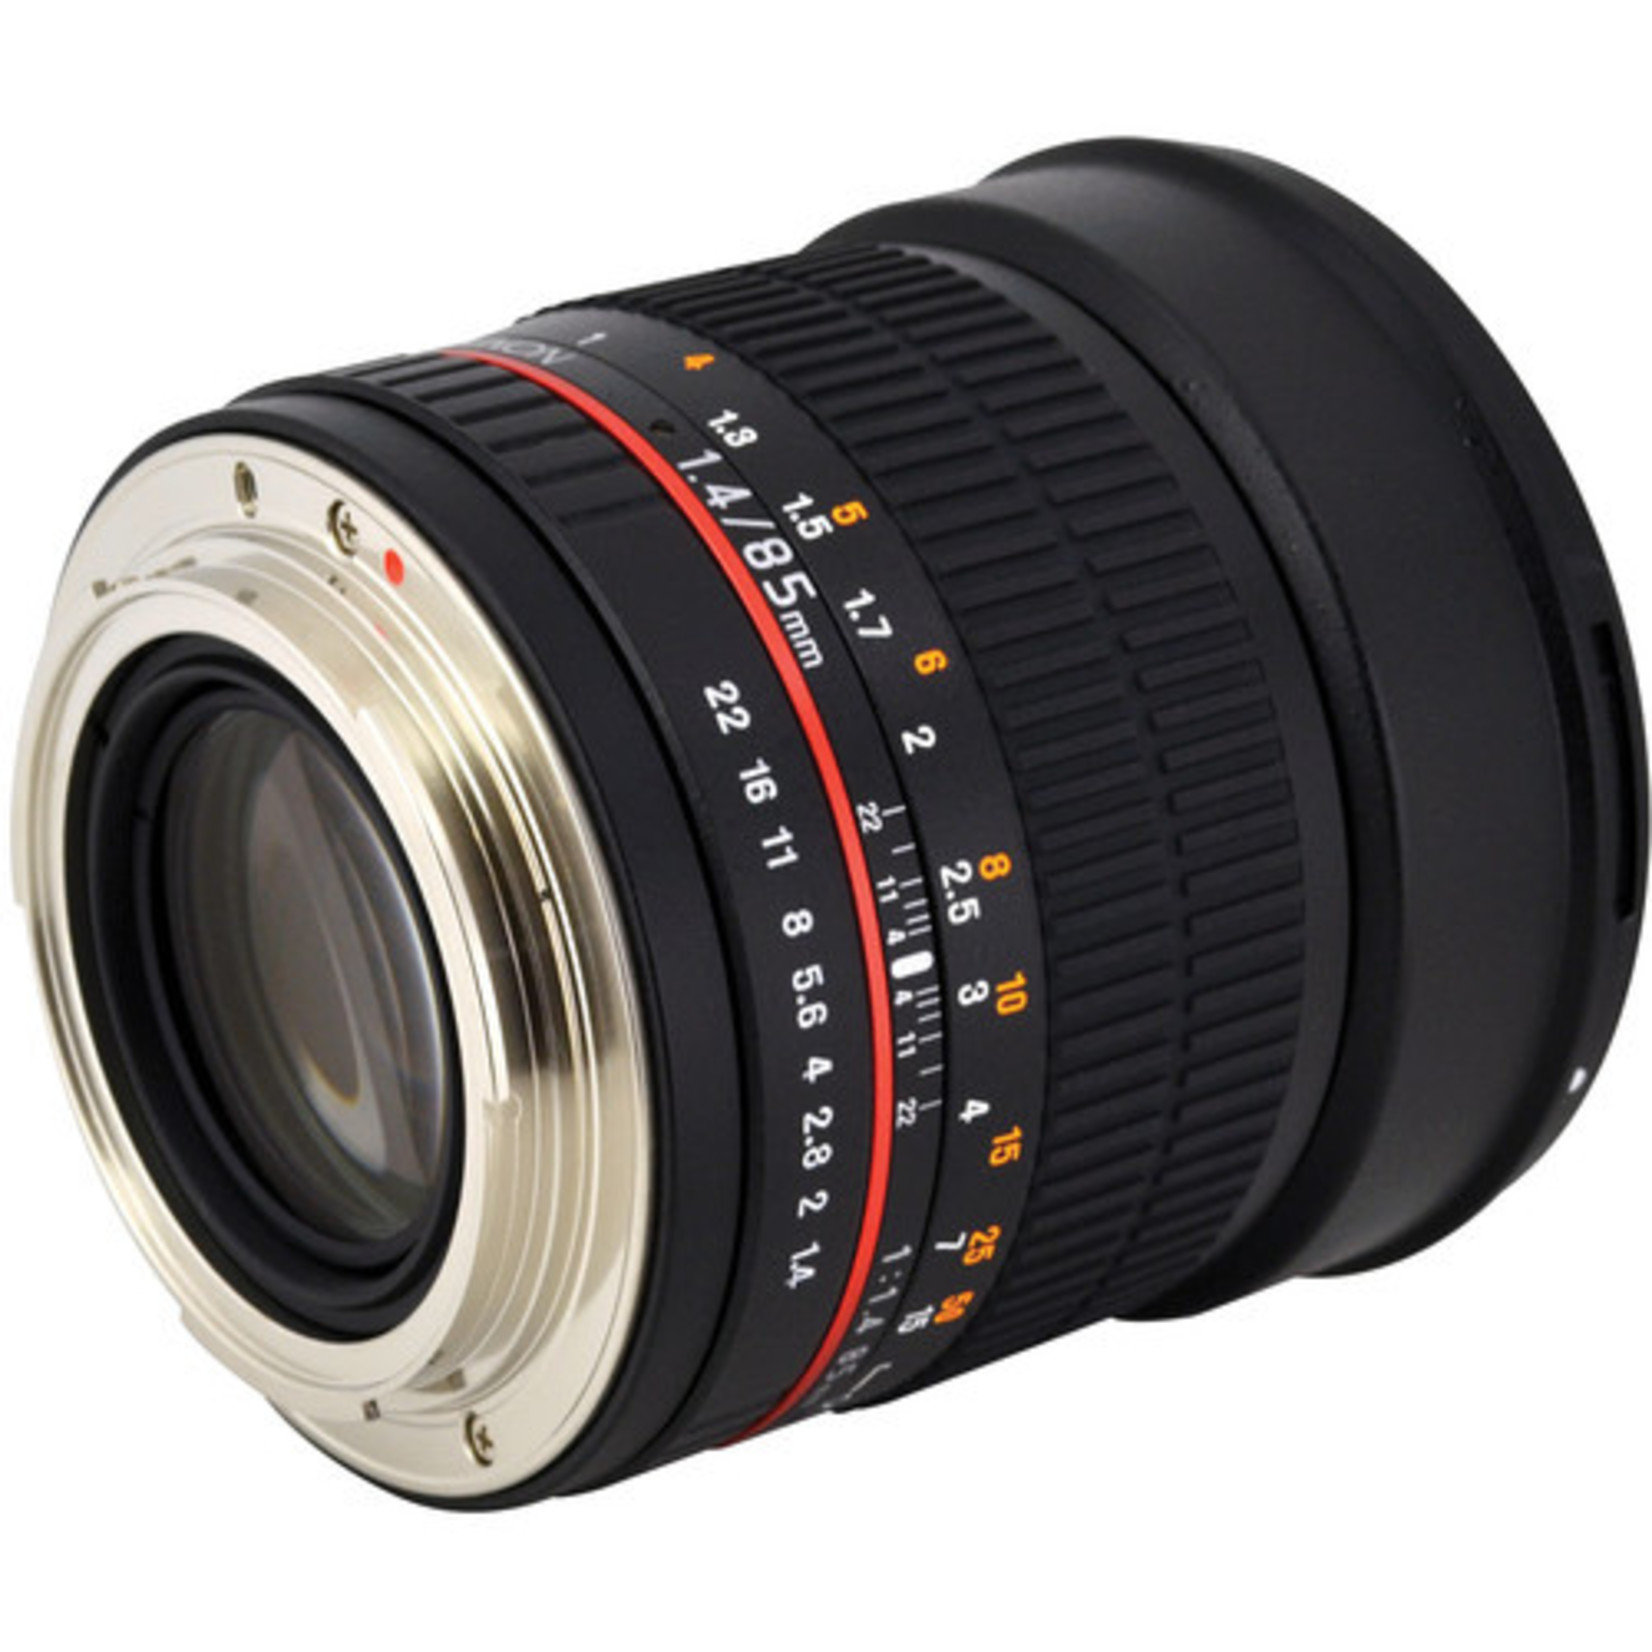 Rokinon Rokinon 85mm f/1.4 AS IF UMC  Lens for Nikon